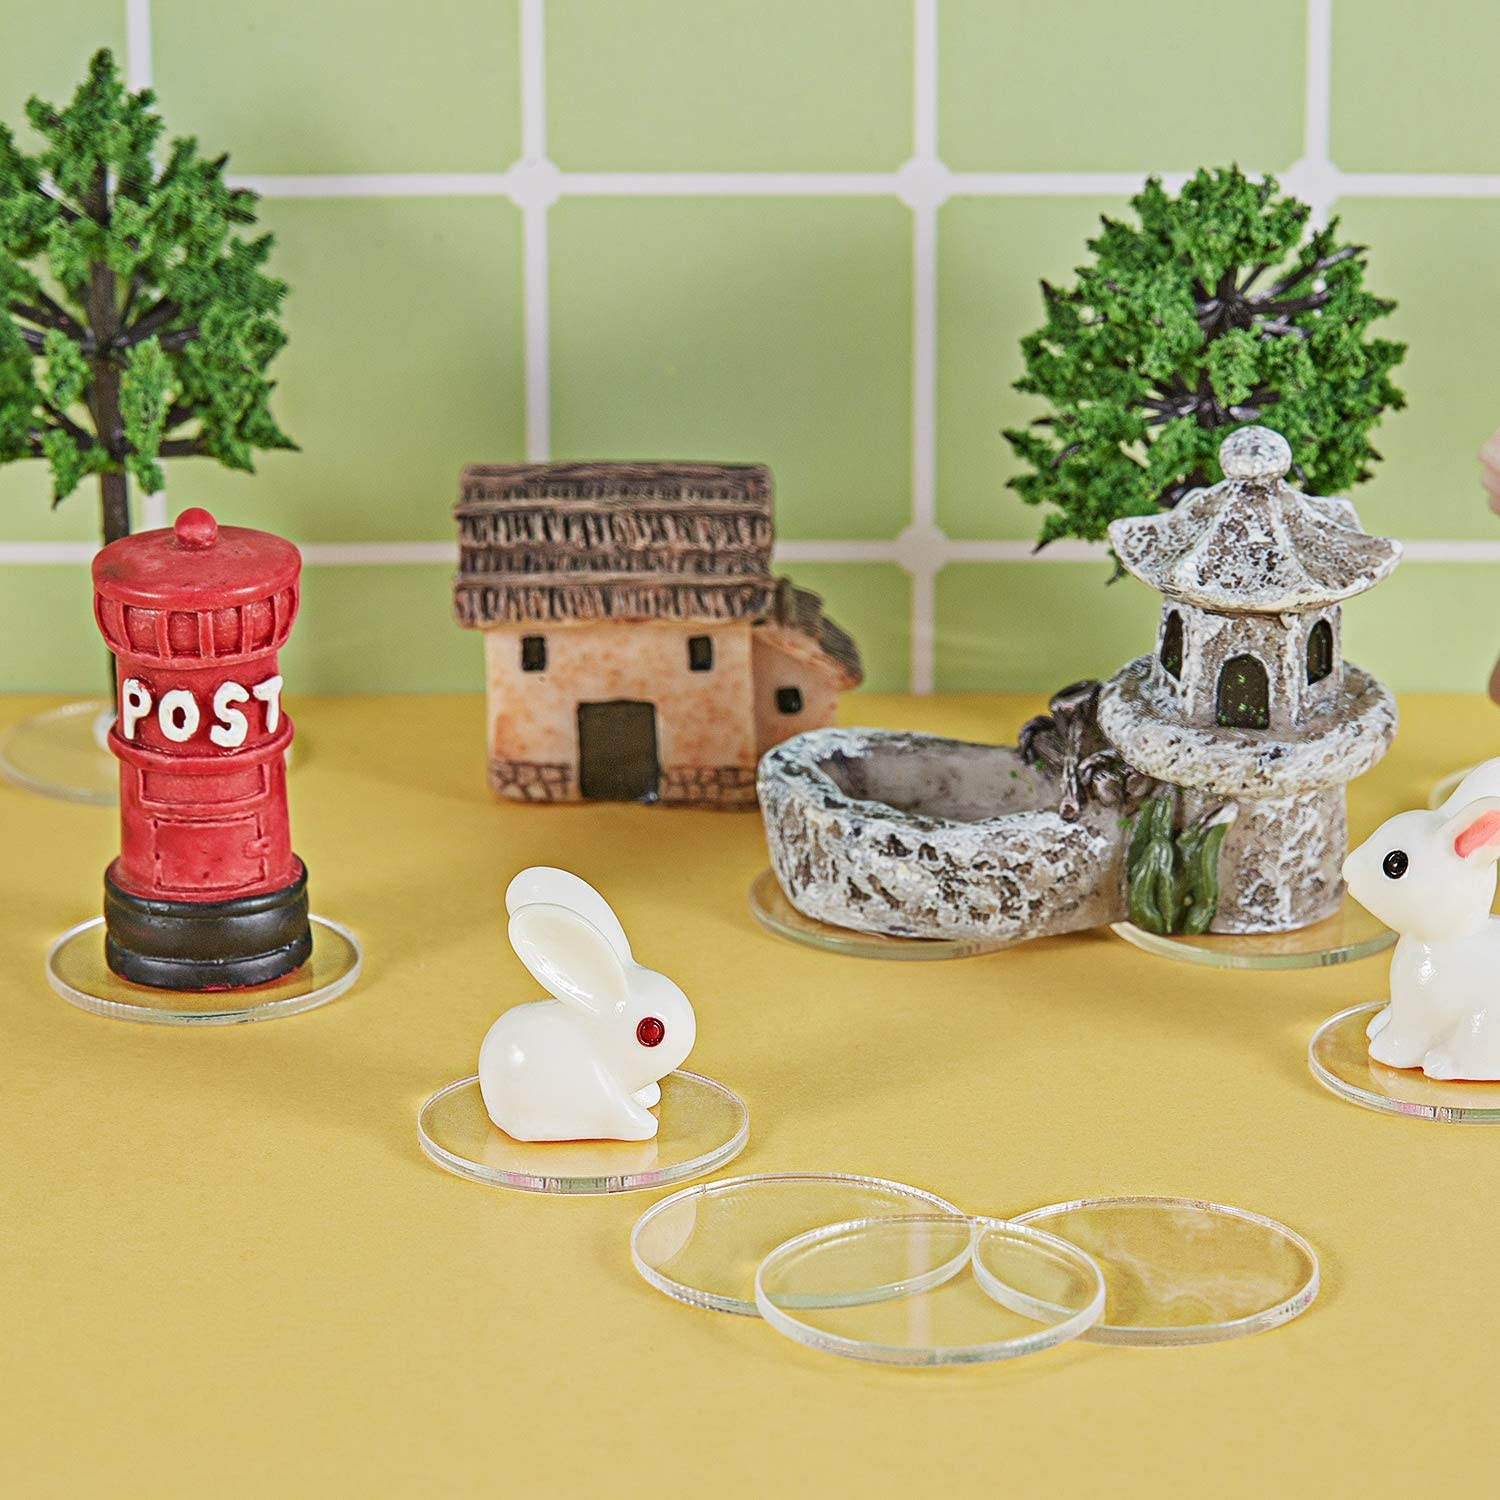 1,5 mm di Spessore 580 Pezzi 25 mm Chiari Basi di Miniature Accessori di Gioco Basi Rotonde di Miniature Basi di Miniature Plastica Piattaforma di Basi Rotonde